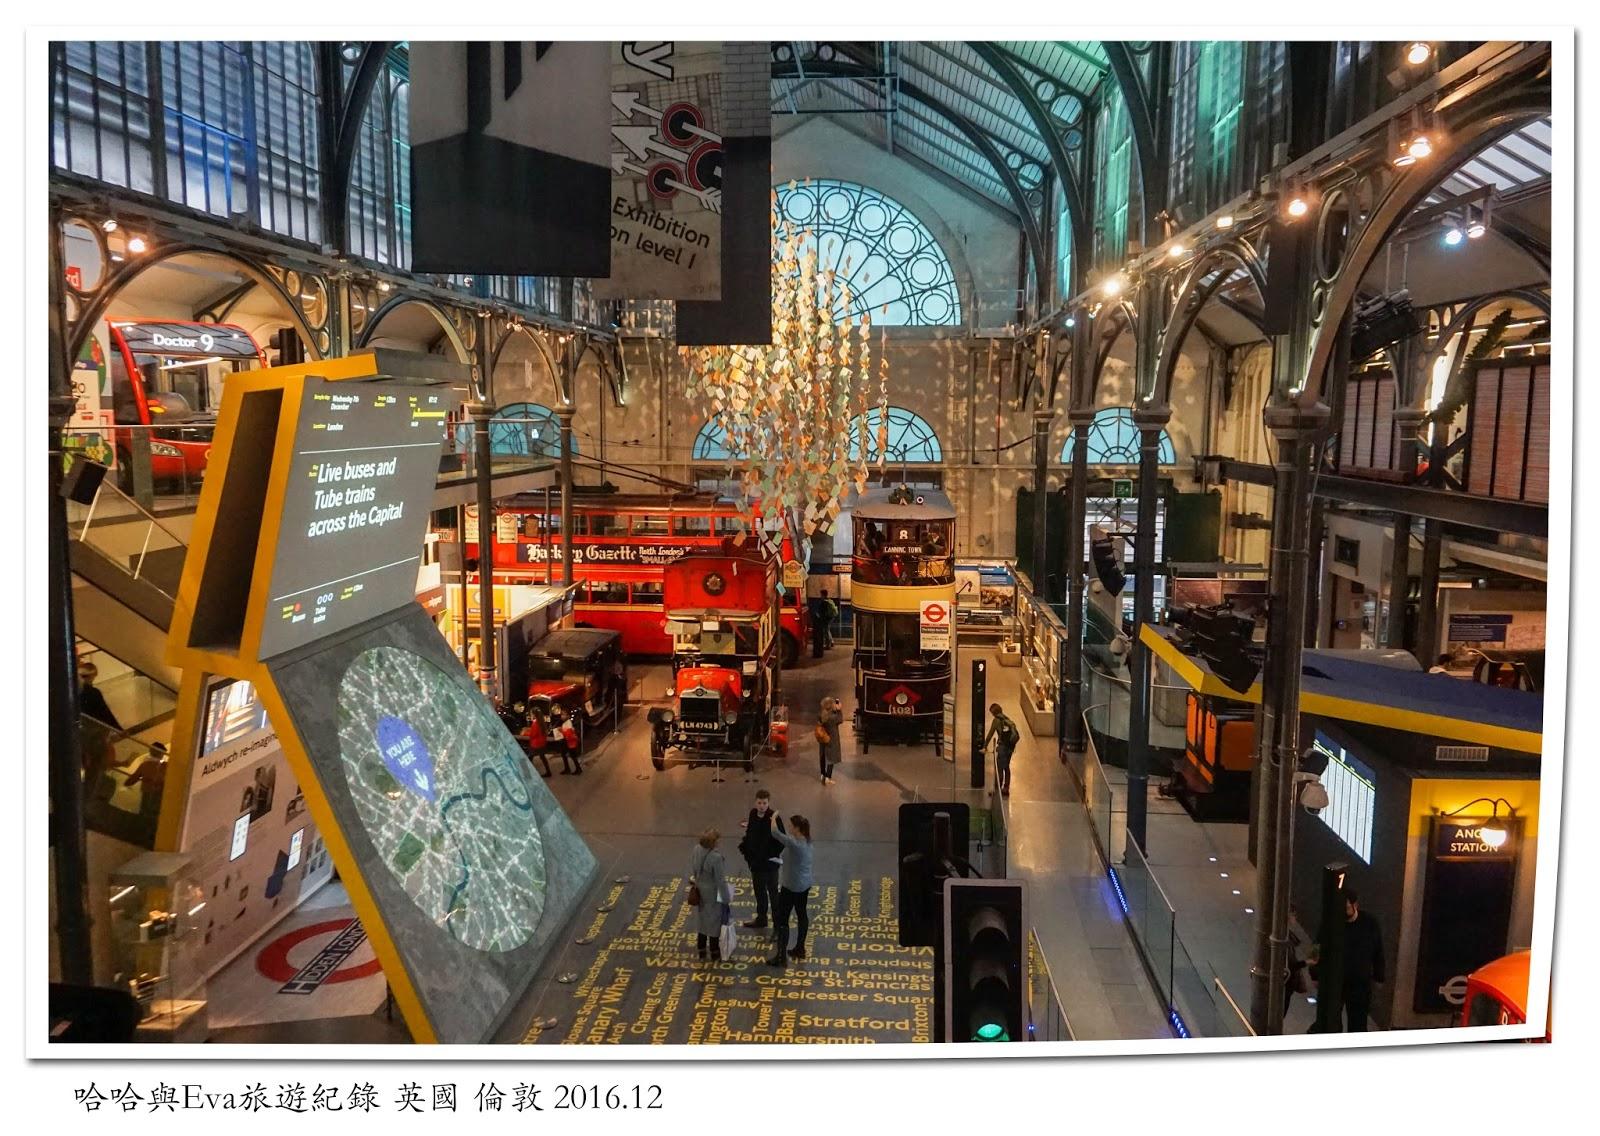 [英國 倫敦] 寓教於樂的倫敦交通博物館 London Transport Museum - 哈哈 與 EVA 旅遊紀錄